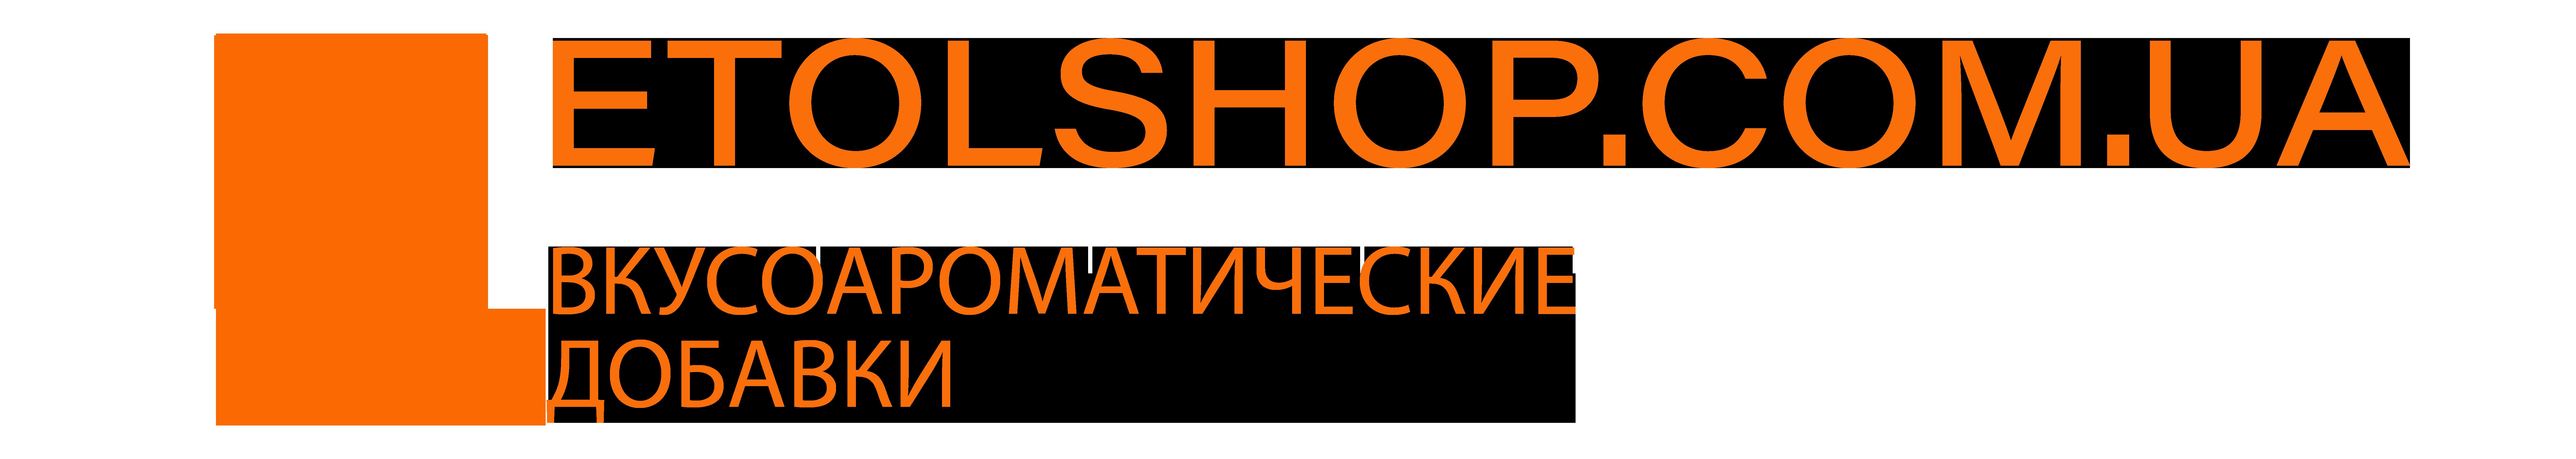 ETOLSHOP